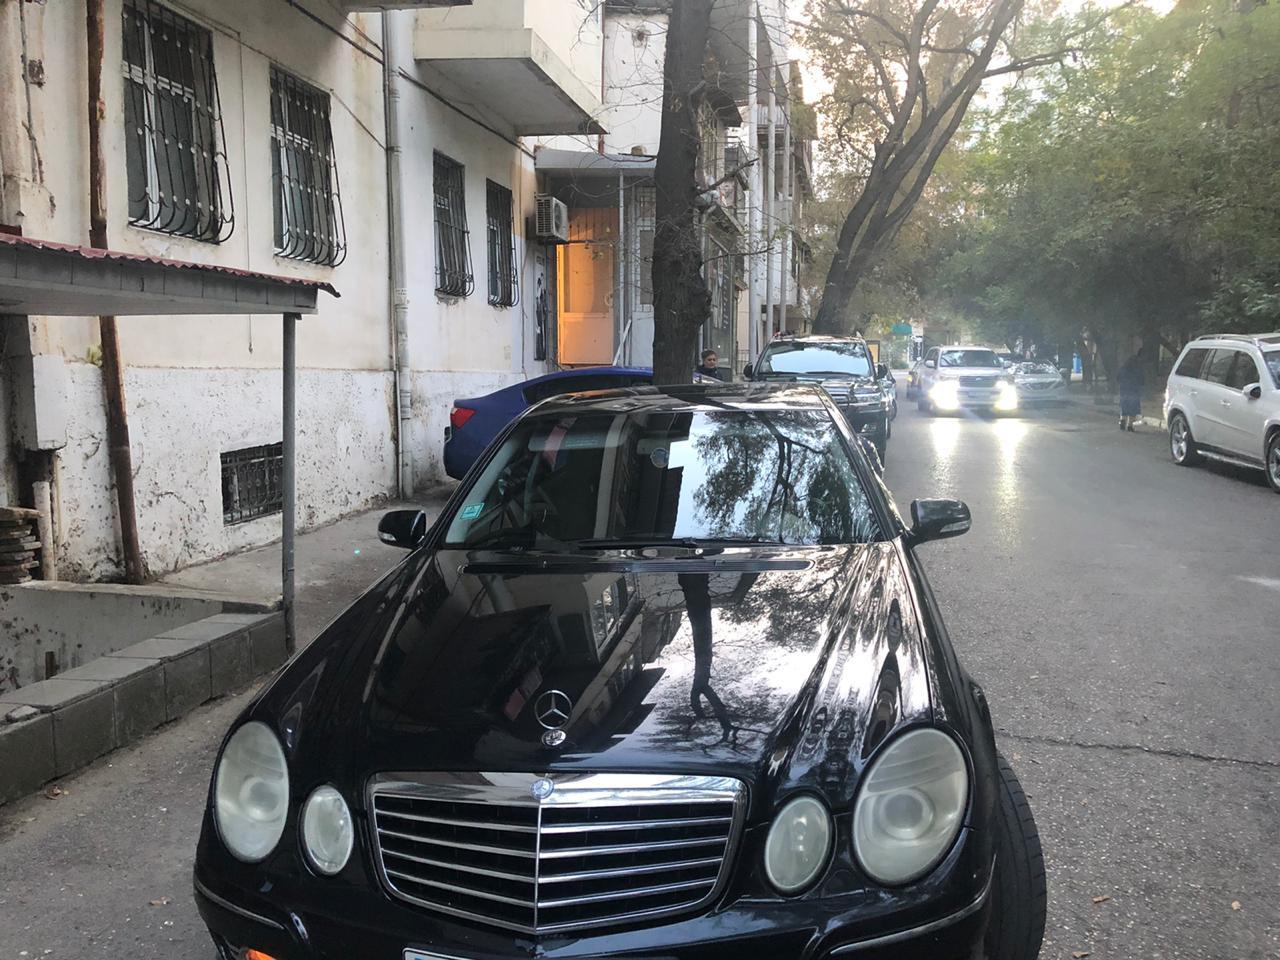 Mercedes-Benz E 280 3.0(lt) 2007 Second hand  $20500